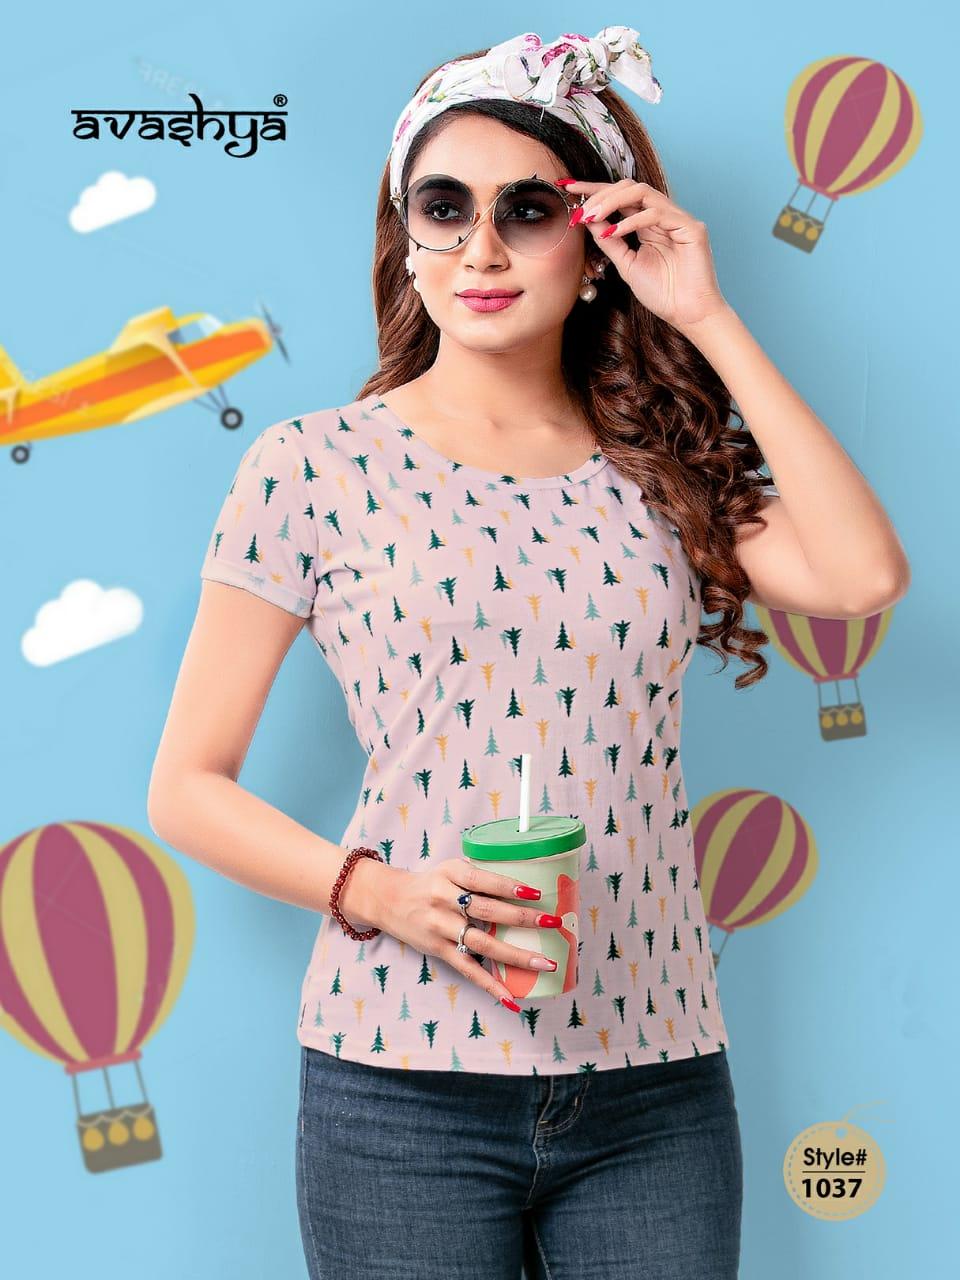 Avashya Retro Vol 53 Half Sleeves T Shirt Wholesale Catalog 6 Pcs 1 - Avashya Retro Vol 53 Half Sleeves T-Shirt Wholesale Catalog 6 Pcs